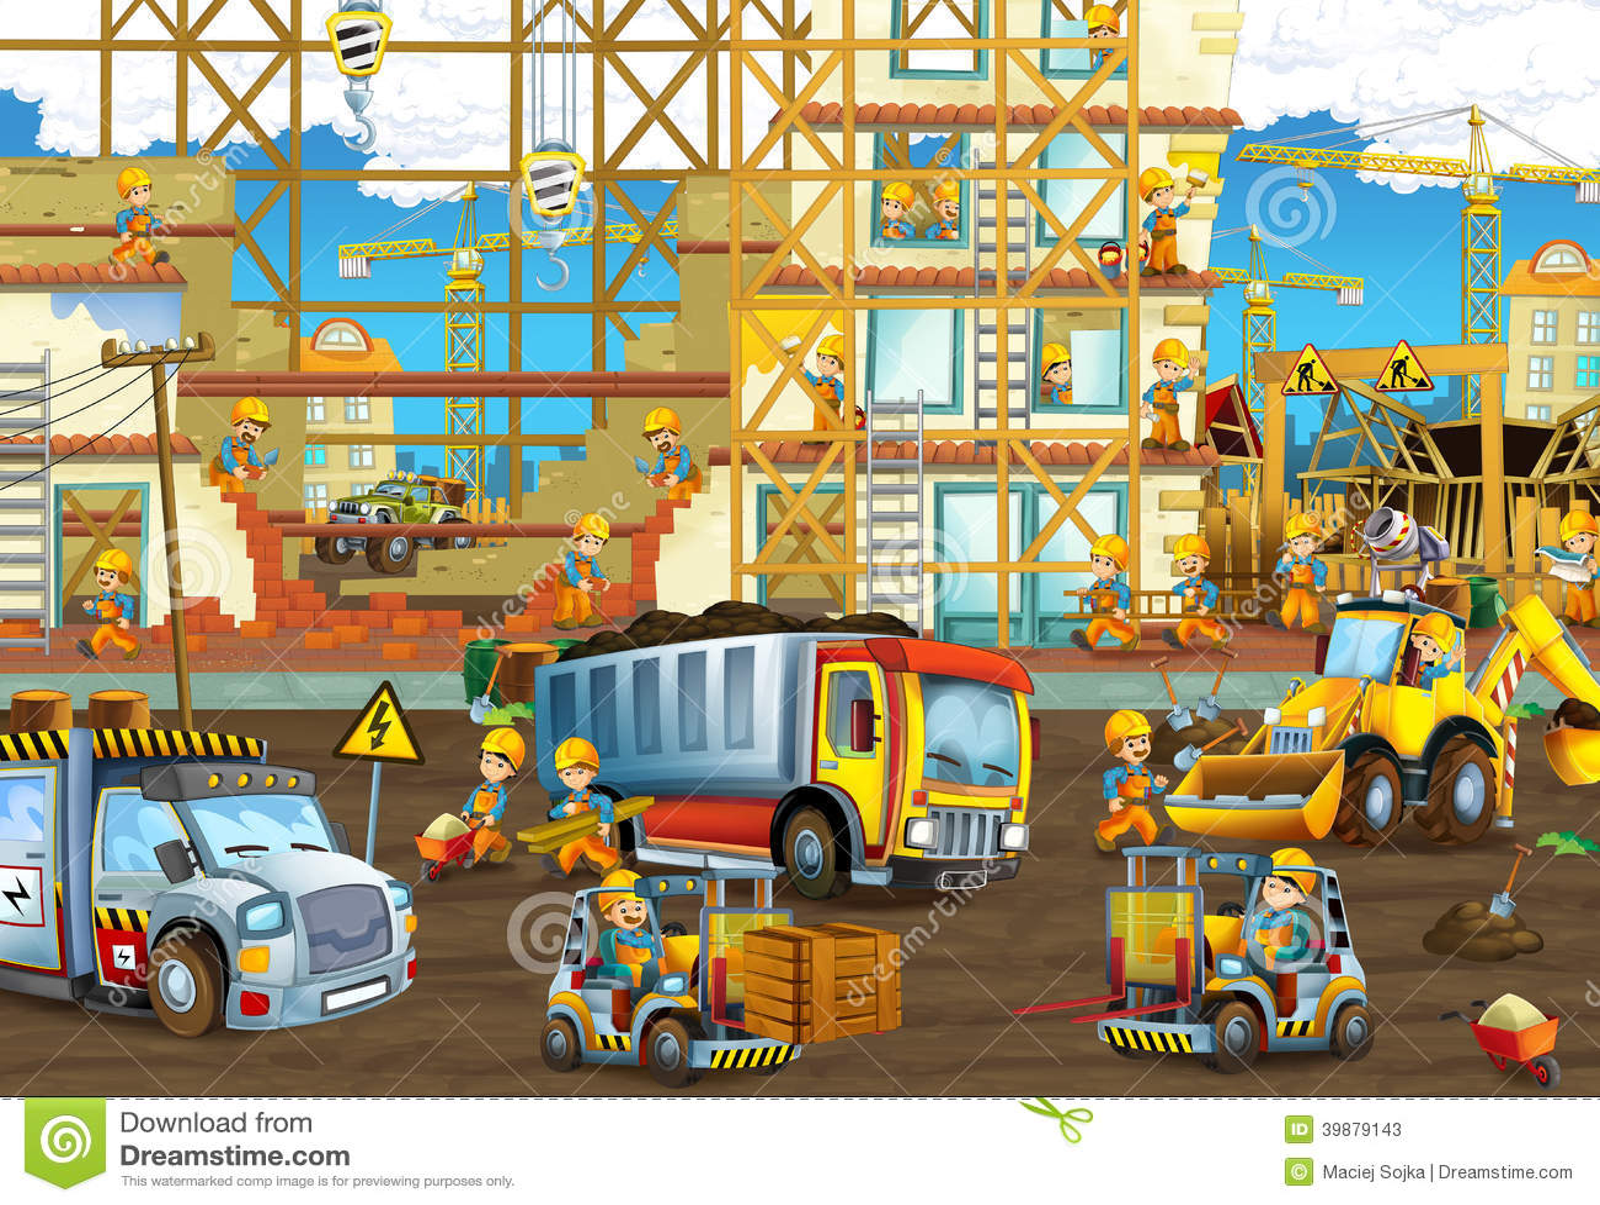 På konstruktionsplatsen - illustration för barnen